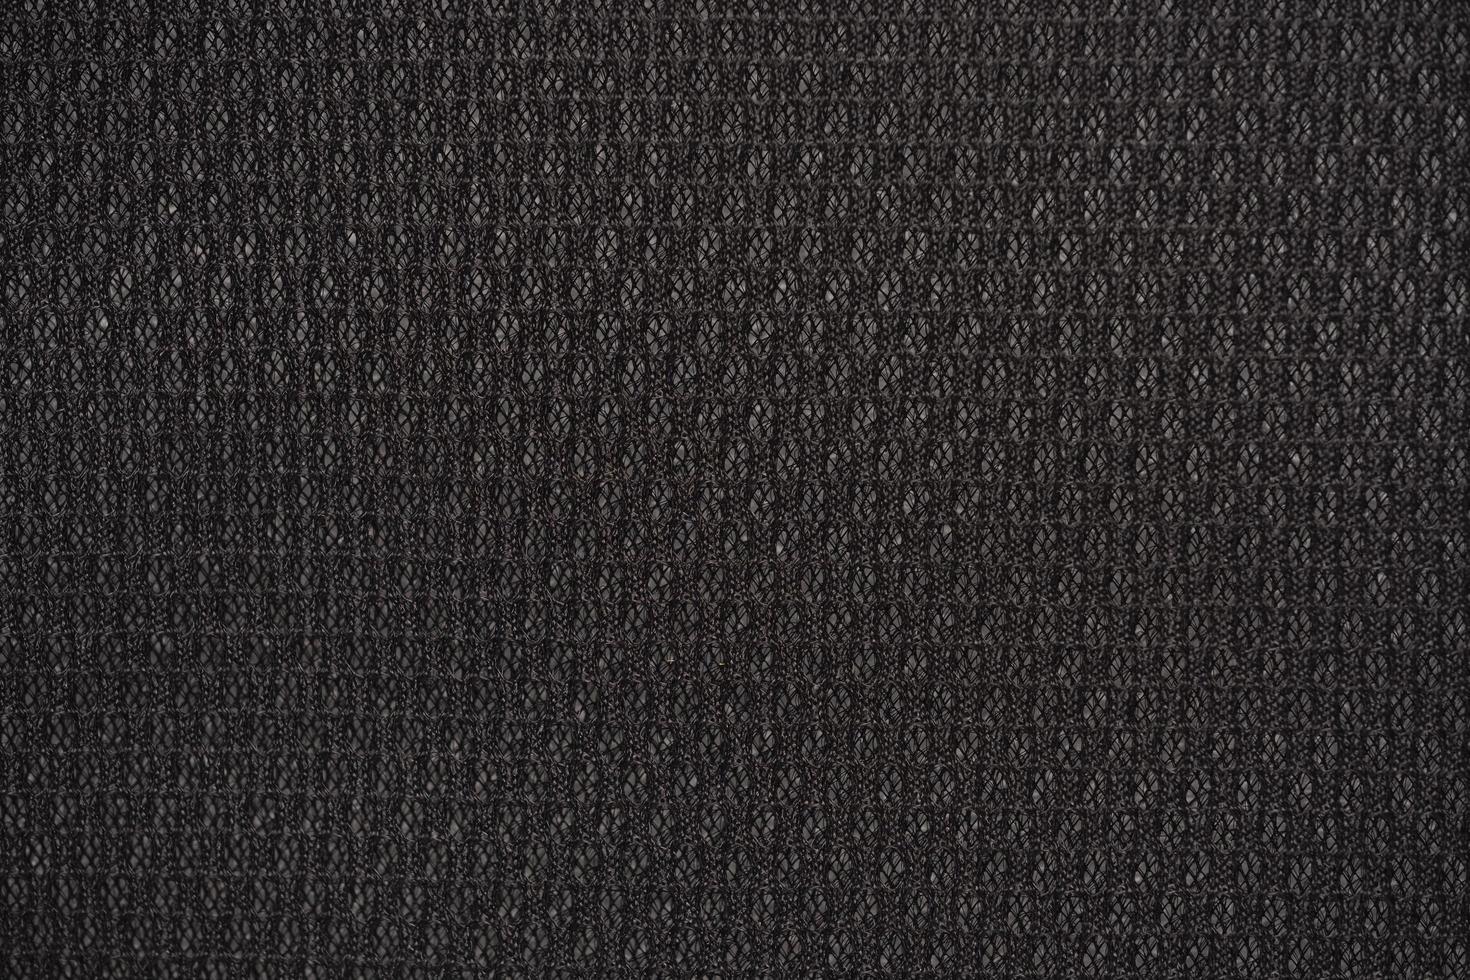 Fondo texturizado de tela de nailon negro con forma hexagonal foto